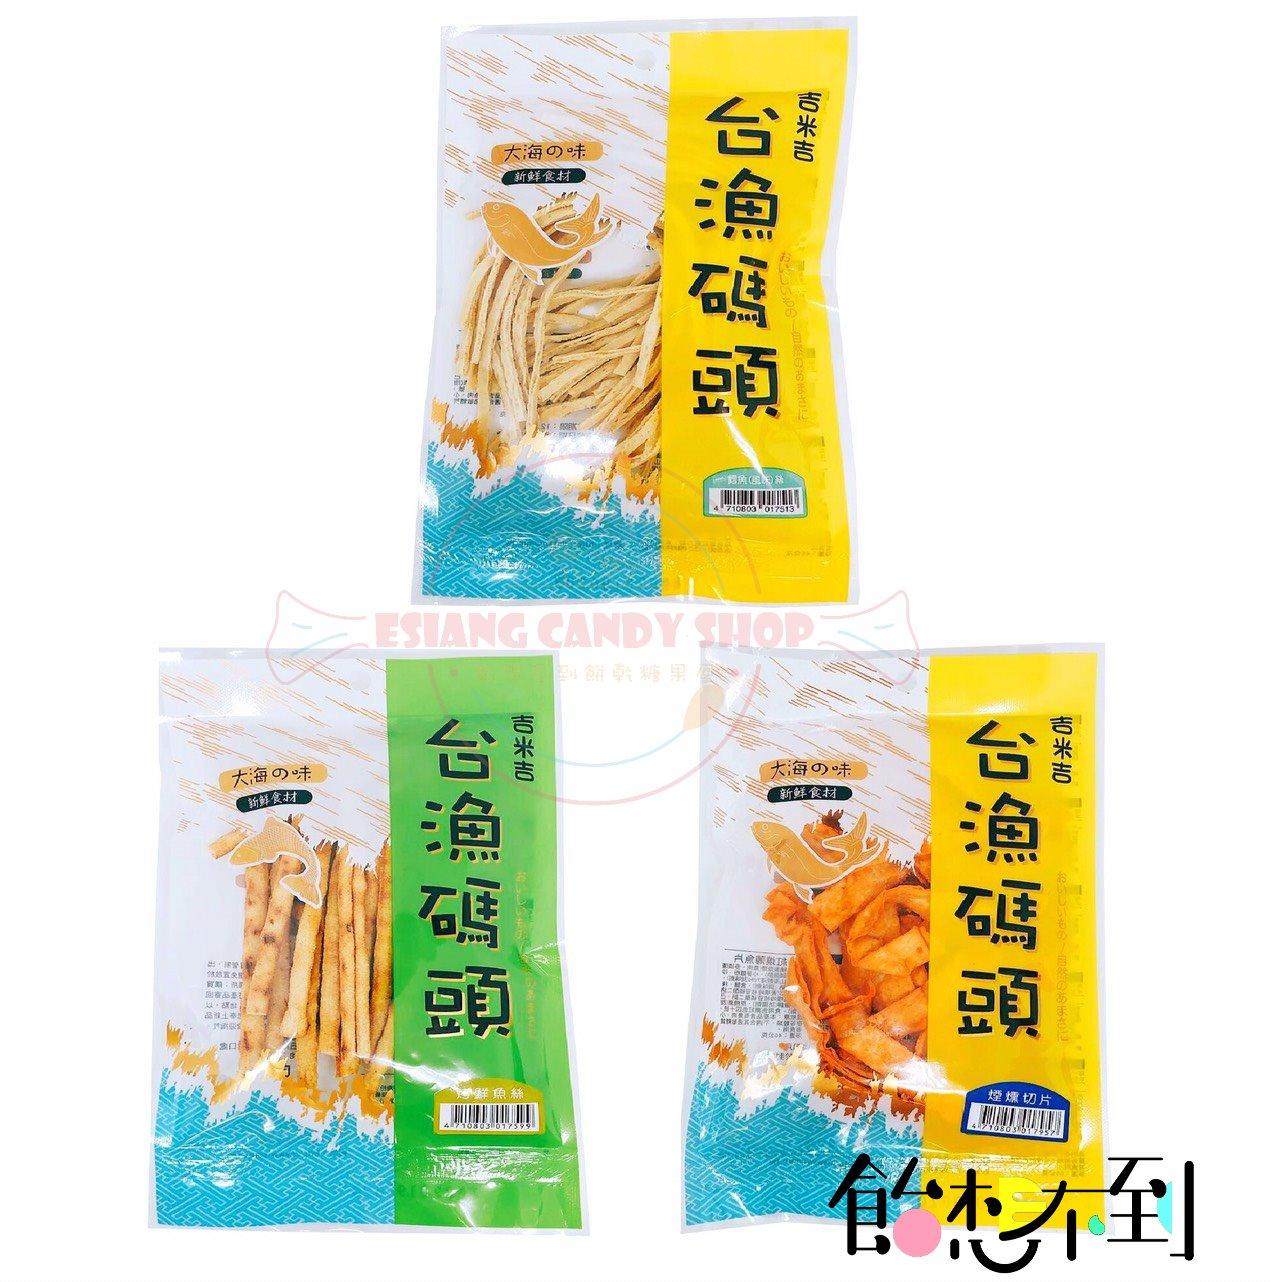 【吉米吉】台漁碼頭 - 烤鮮魚絲40g/鱈魚(風味)絲45g/煙燻切片35g